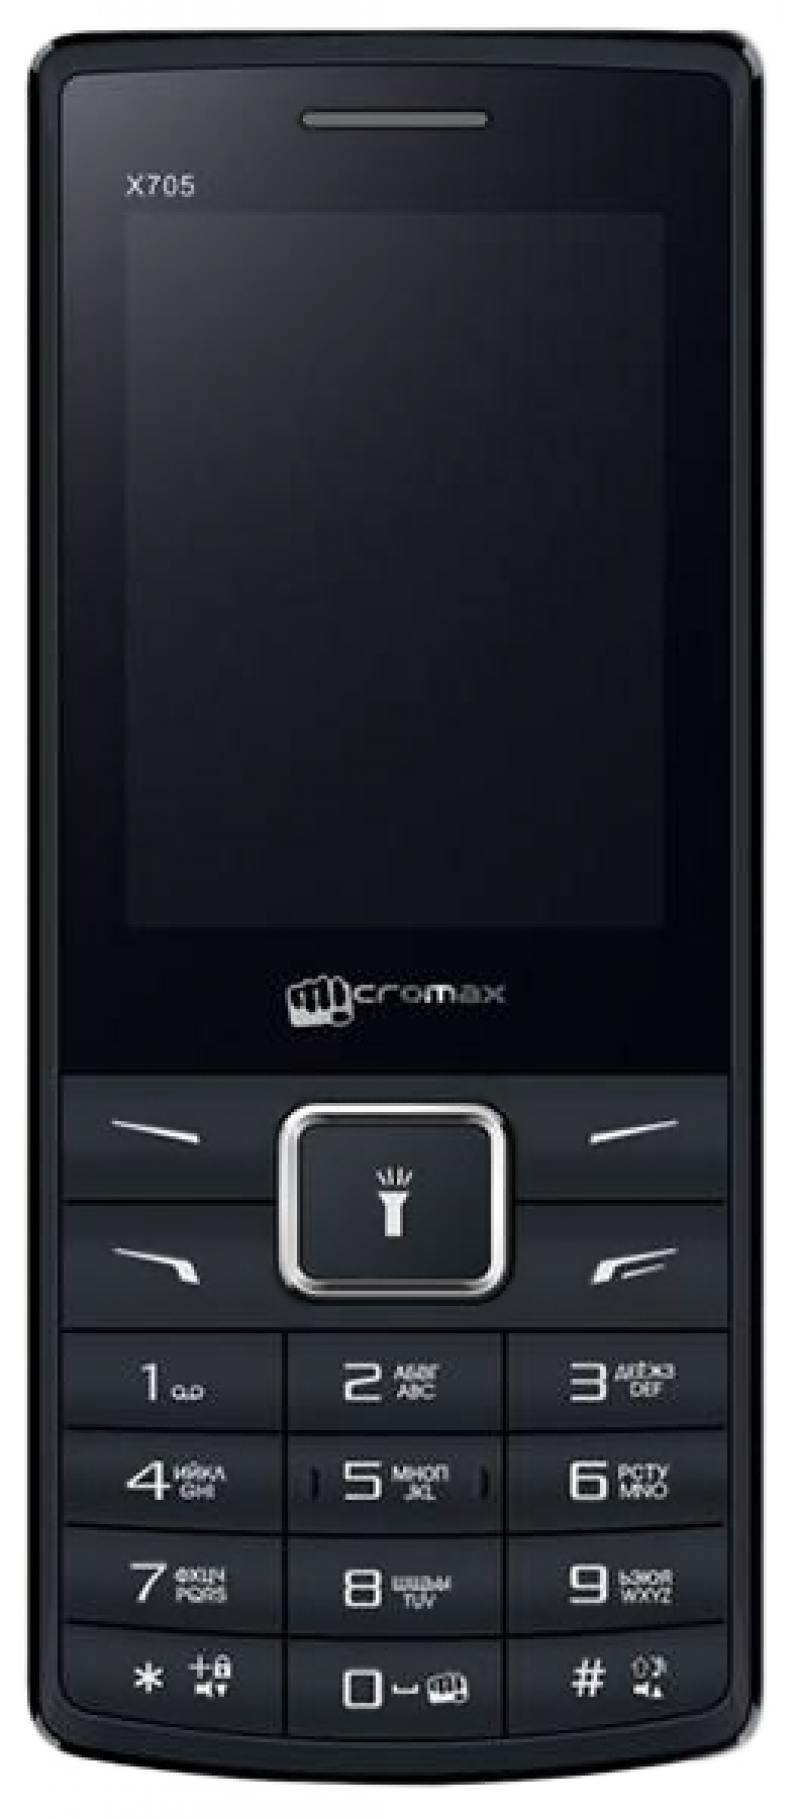 Мобильный телефон Micromax X705 черный 2.4